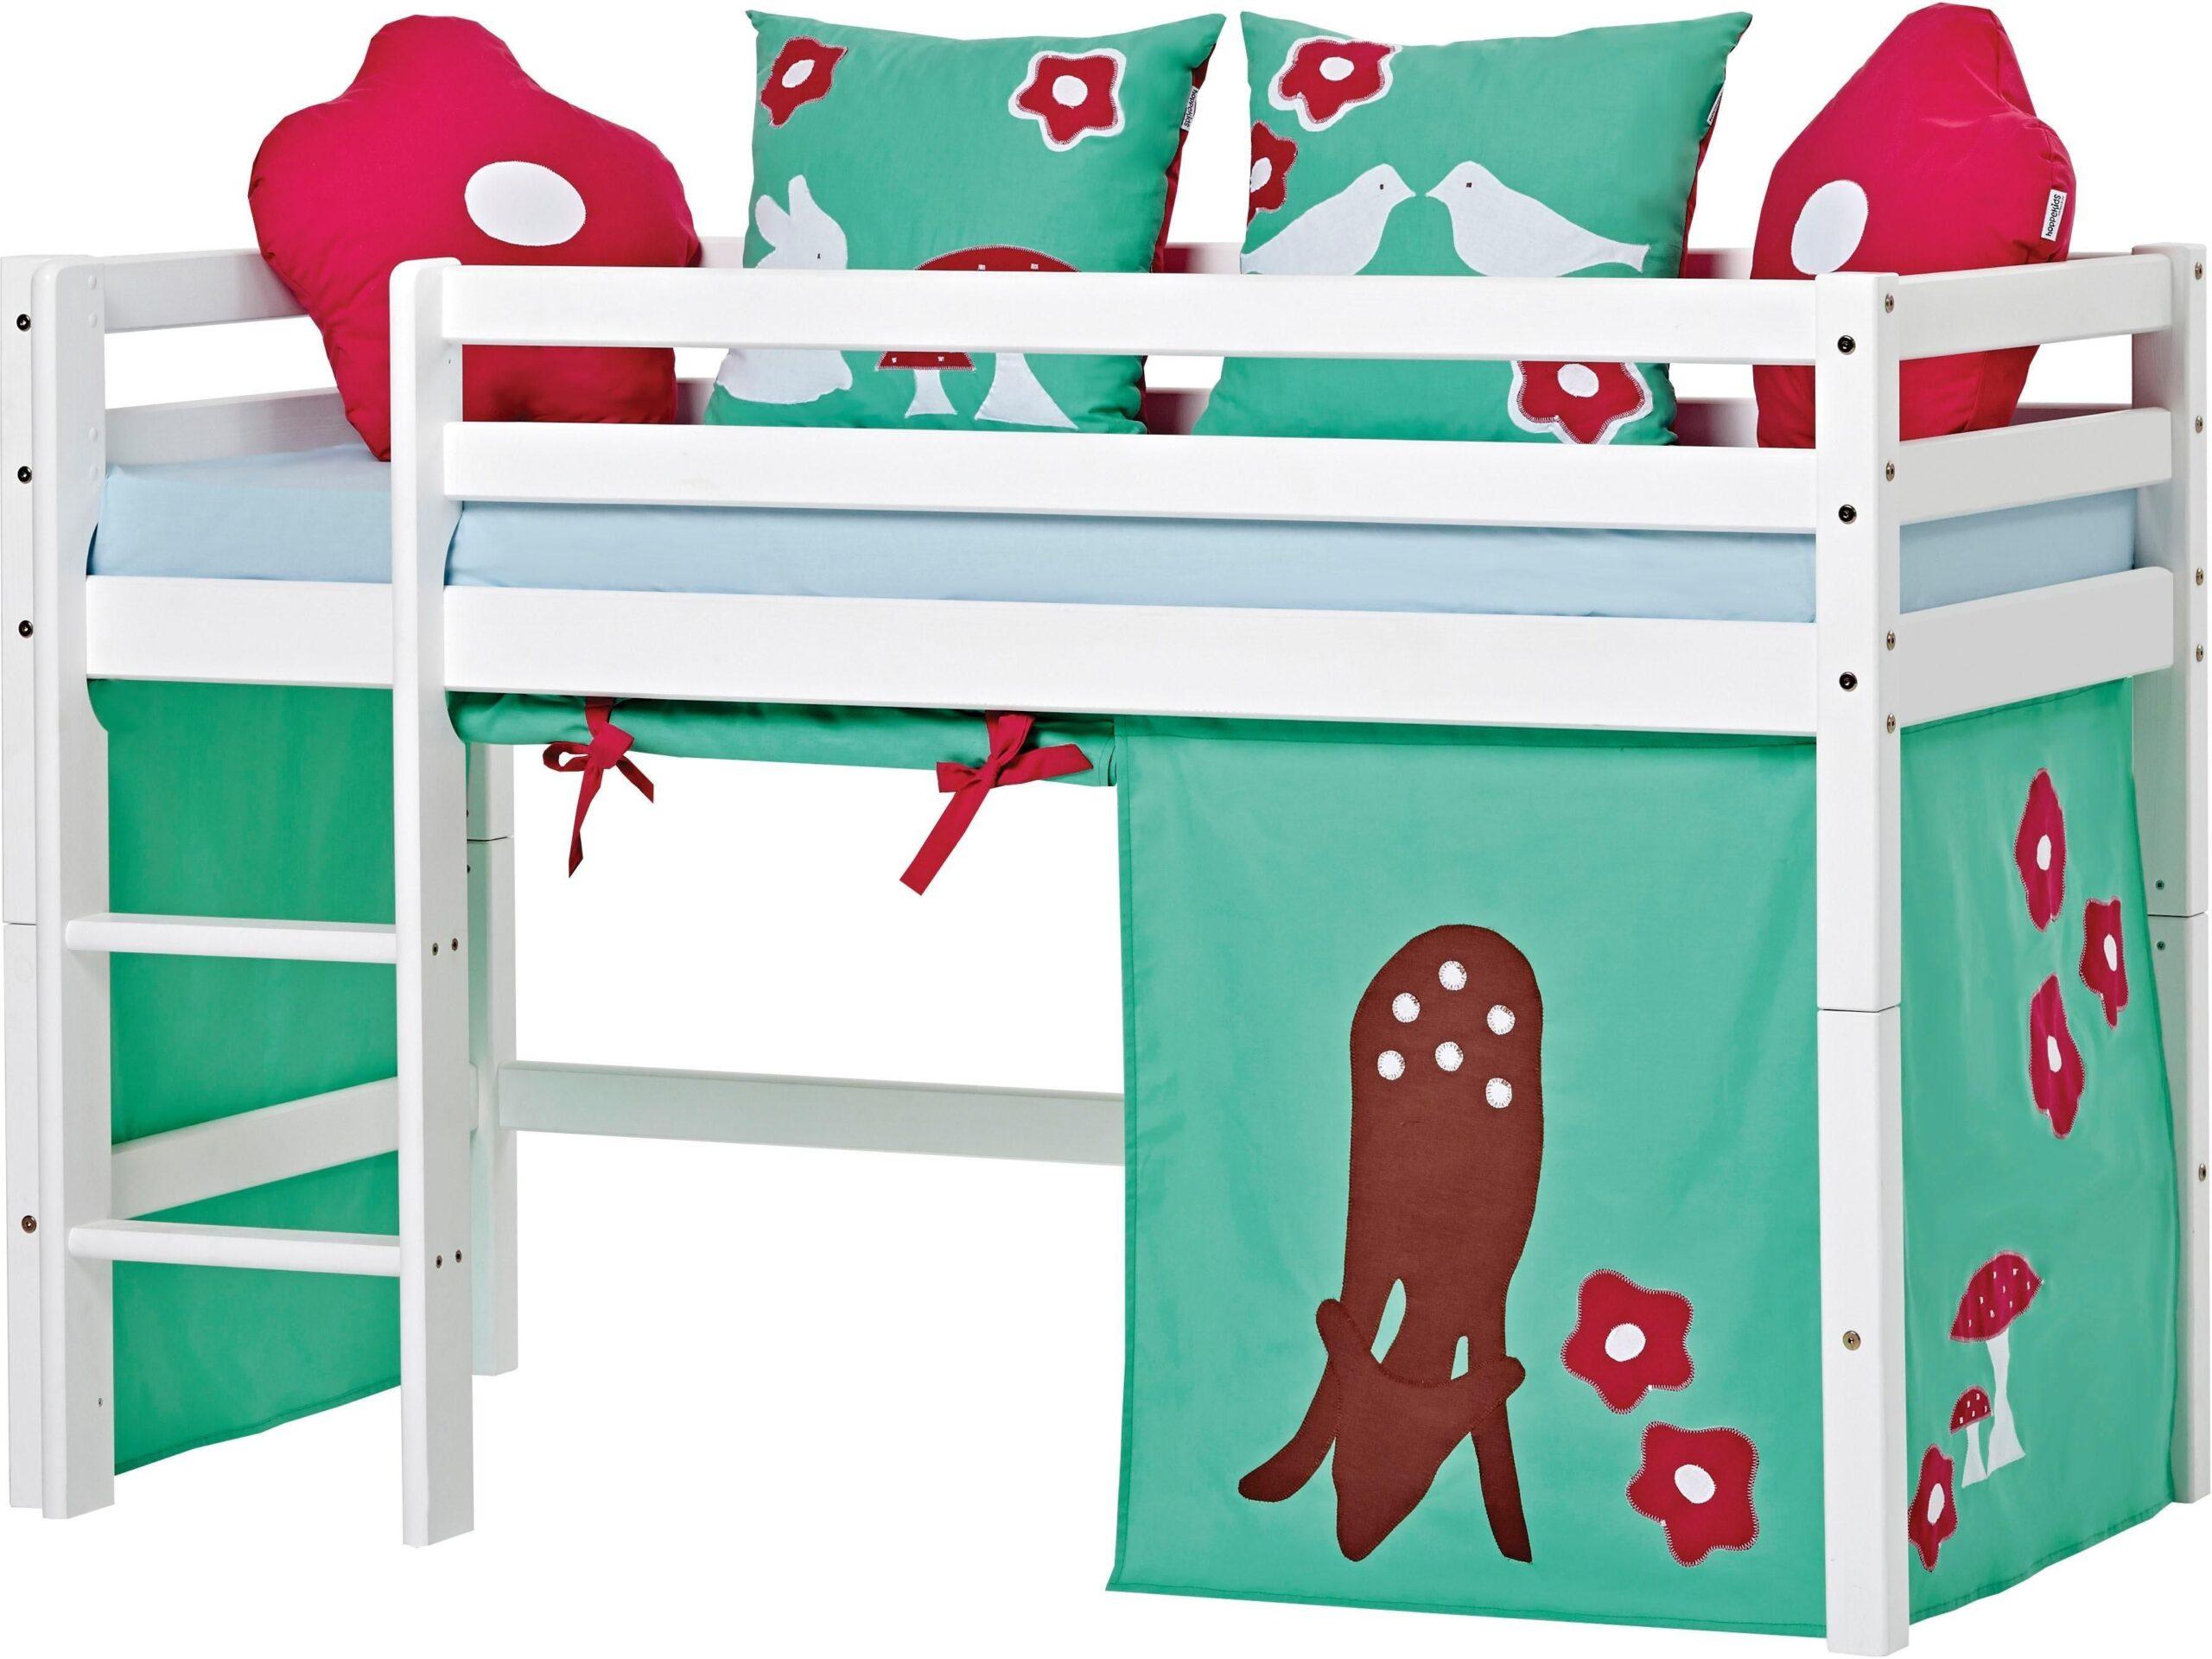 Full Size of Baby Kinderzimmer Komplett 3tlg Bett Forest Halbhohes Hoppekids Inspire Kindermbel Schlafzimmer Günstig Regal Weiß Günstige Bad Komplettset Massivholz Mit Kinderzimmer Baby Kinderzimmer Komplett